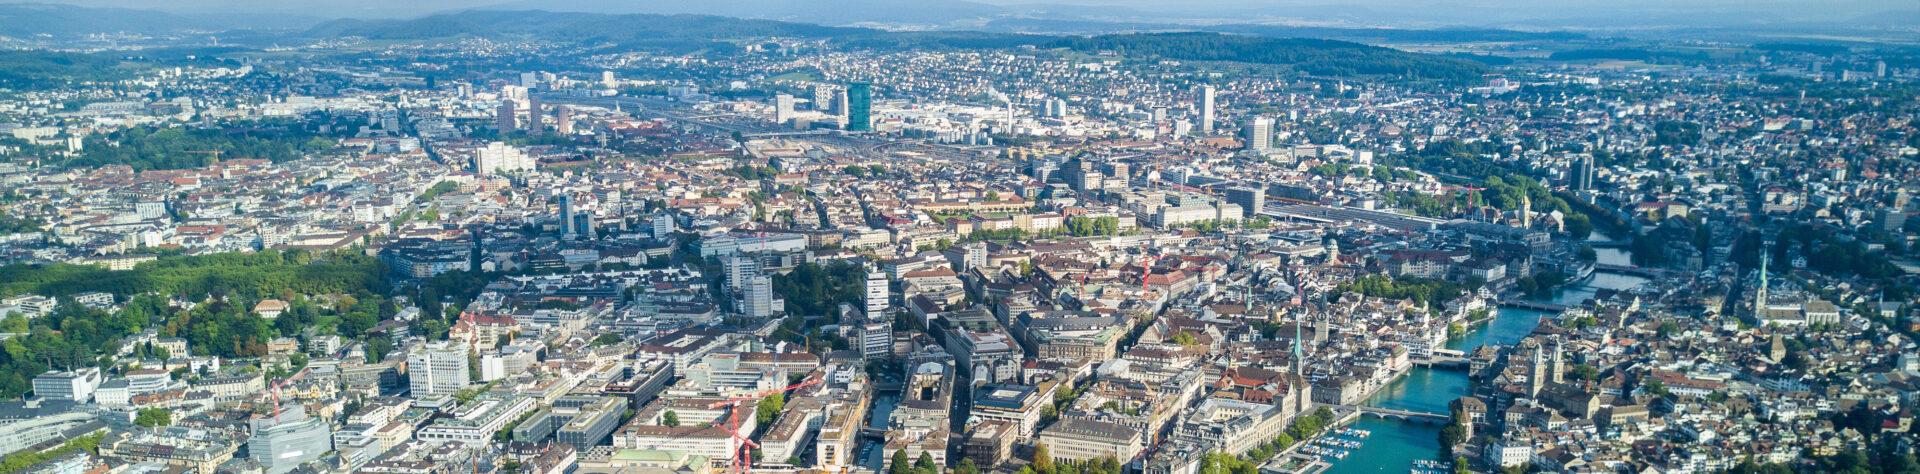 Metropolitanraum-Zuerich-Stadt-Ausschnitt